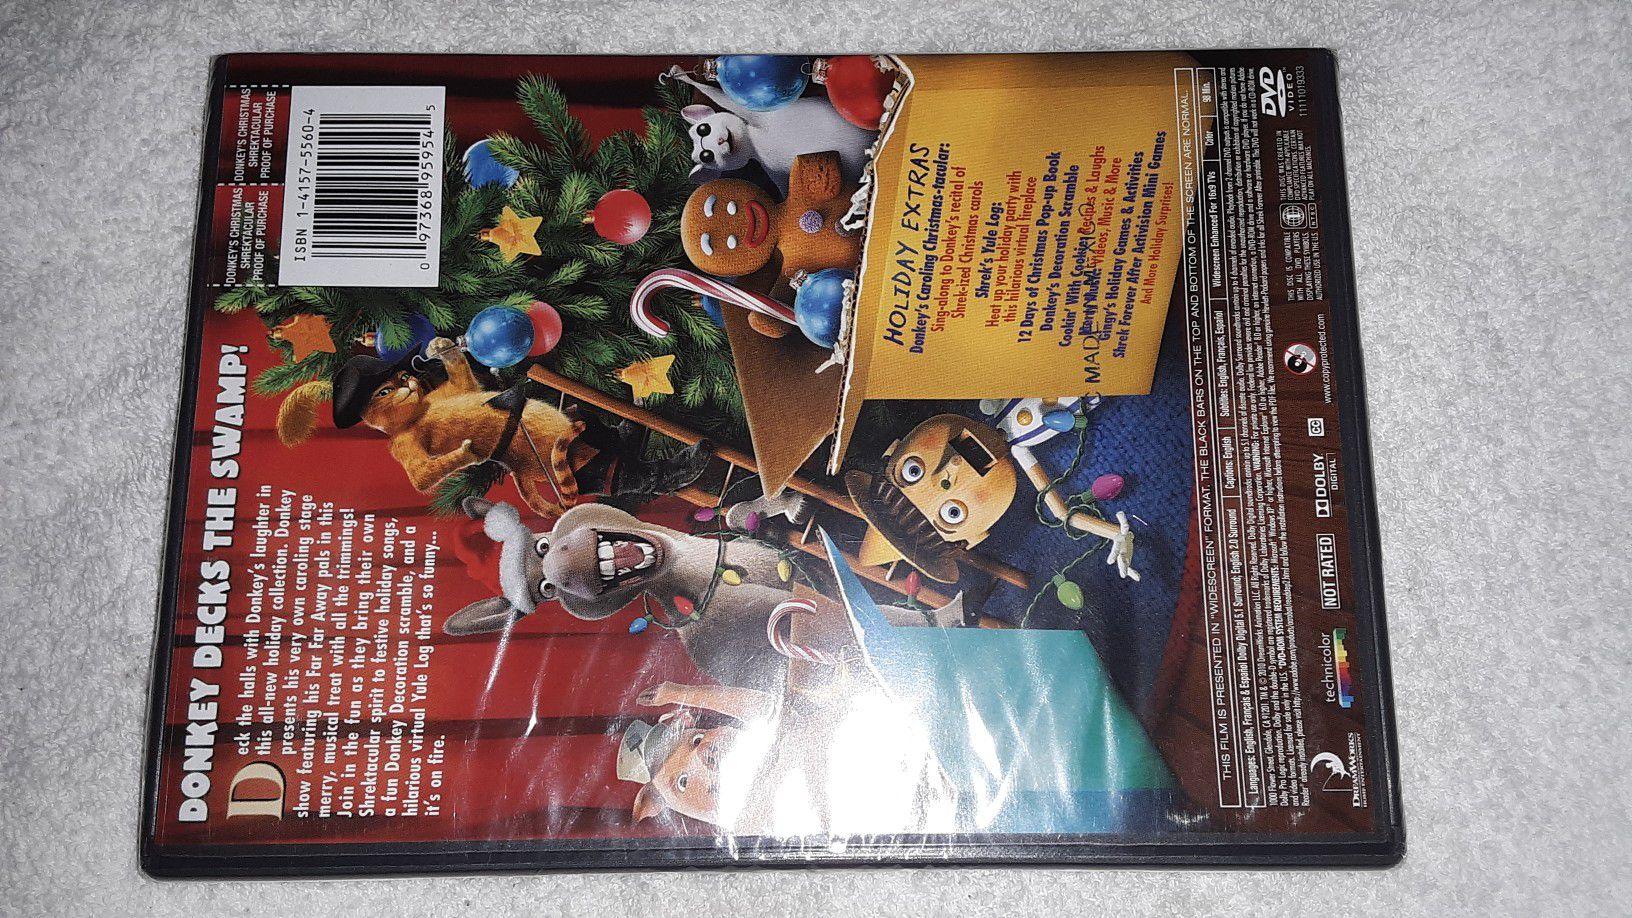 Shrek donkey Christmas dvd